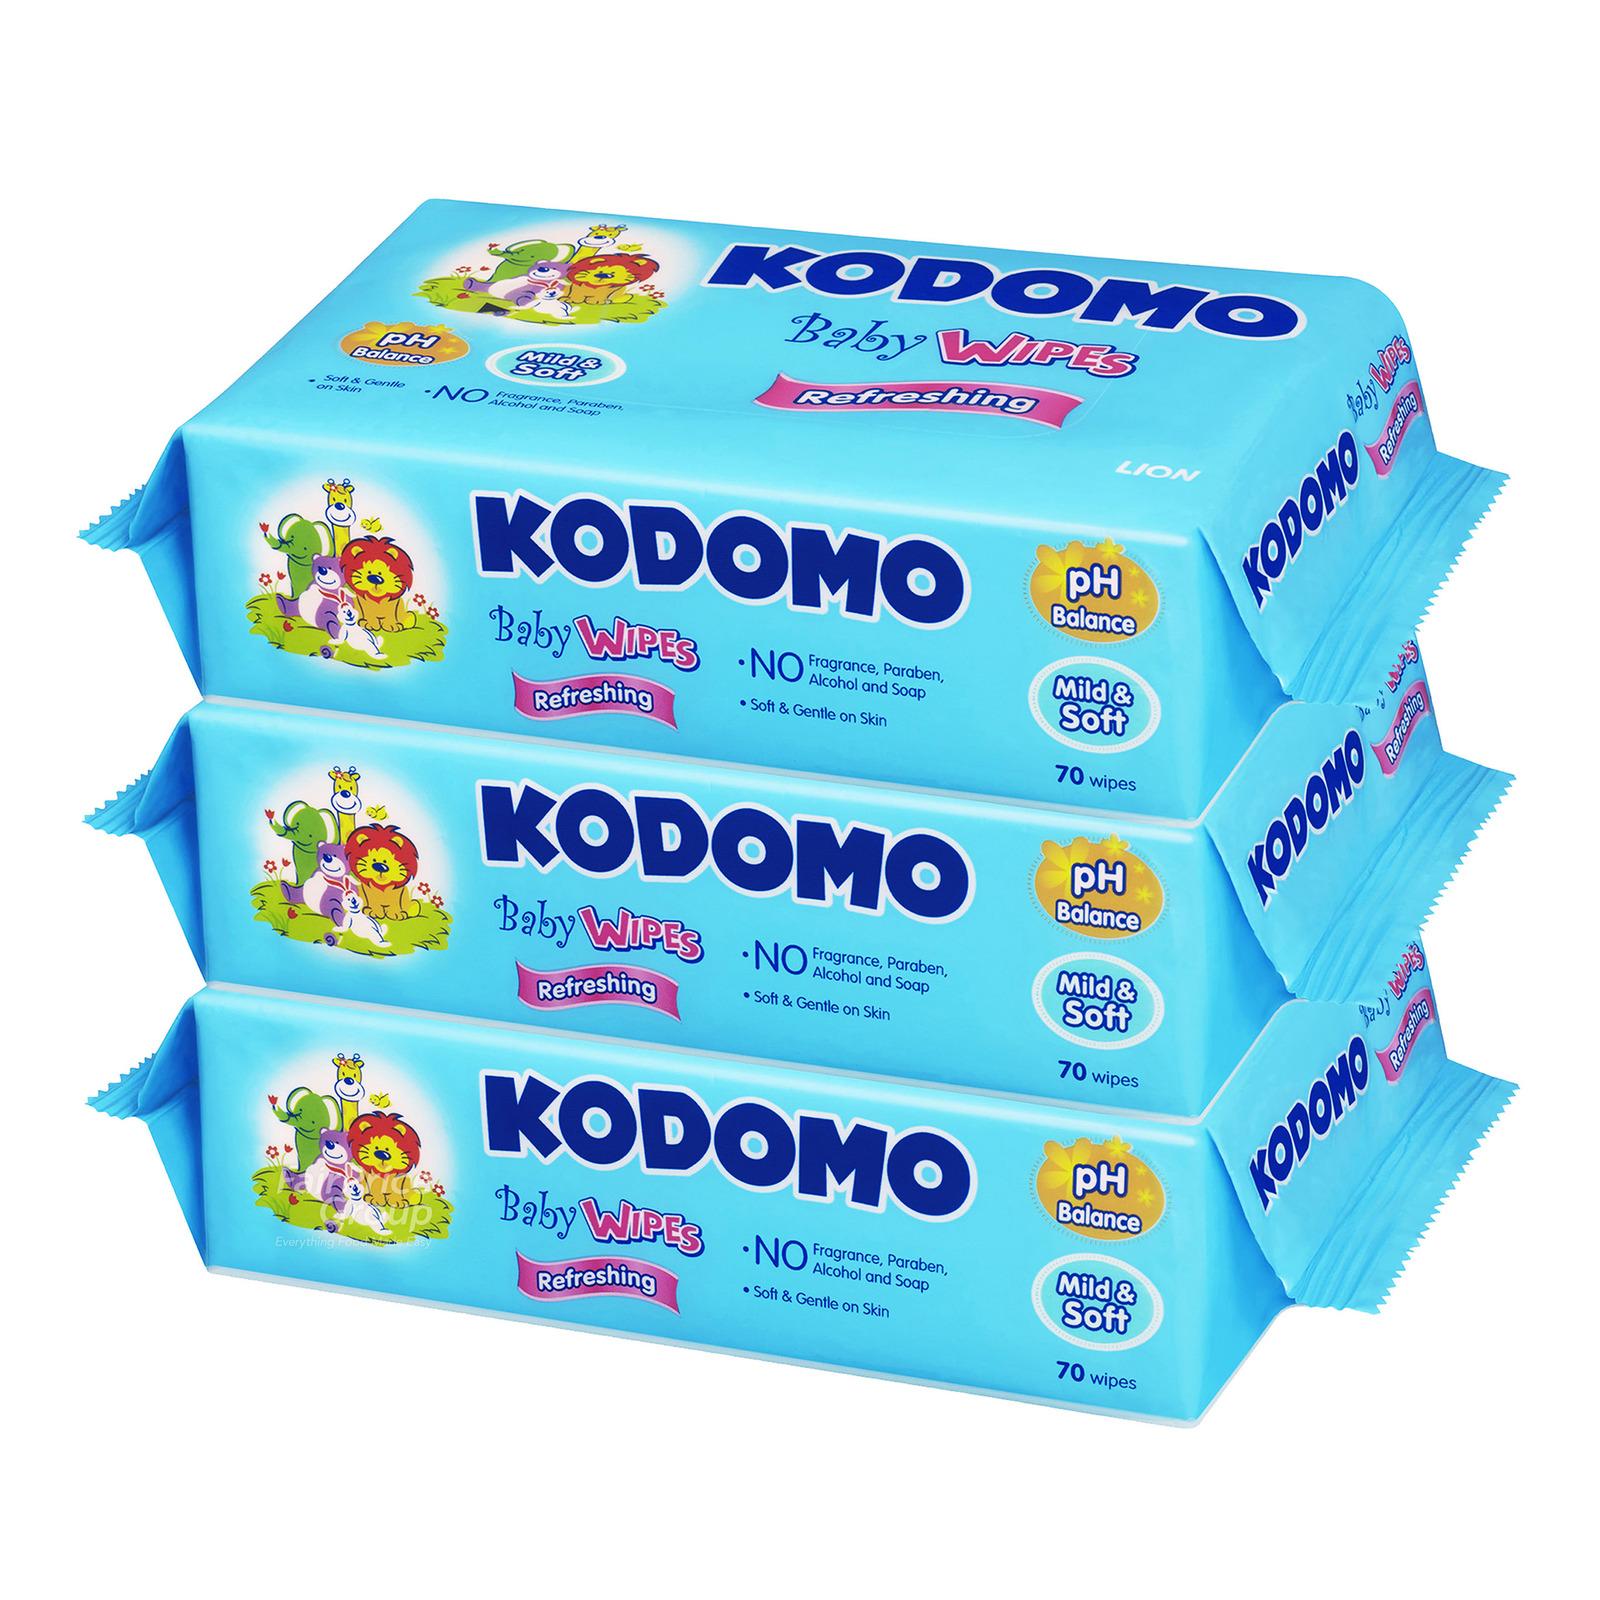 Kodomo Baby Wipes - Refreshing